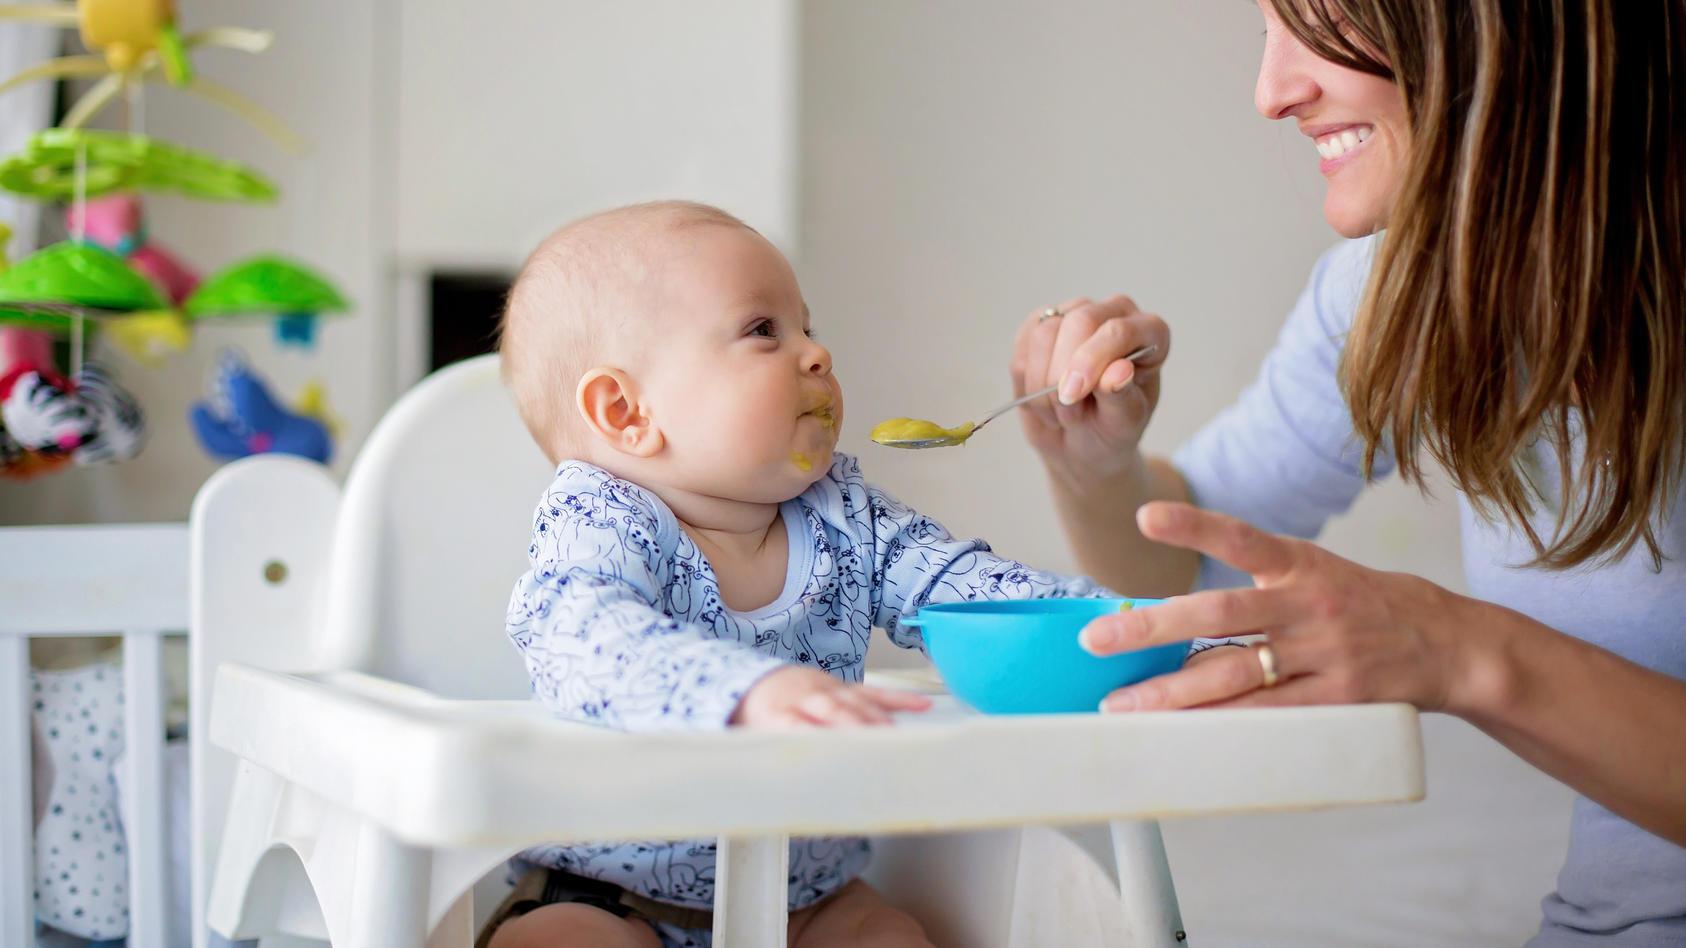 Wenn das Baby lernt, allein zu essen, bedeutet das eine große Umstellung, bei der kein Kissen sauber bleibt. Wie Sie es dabei am besten unterstützen, verraten wir hier . kleckern erlaubt.